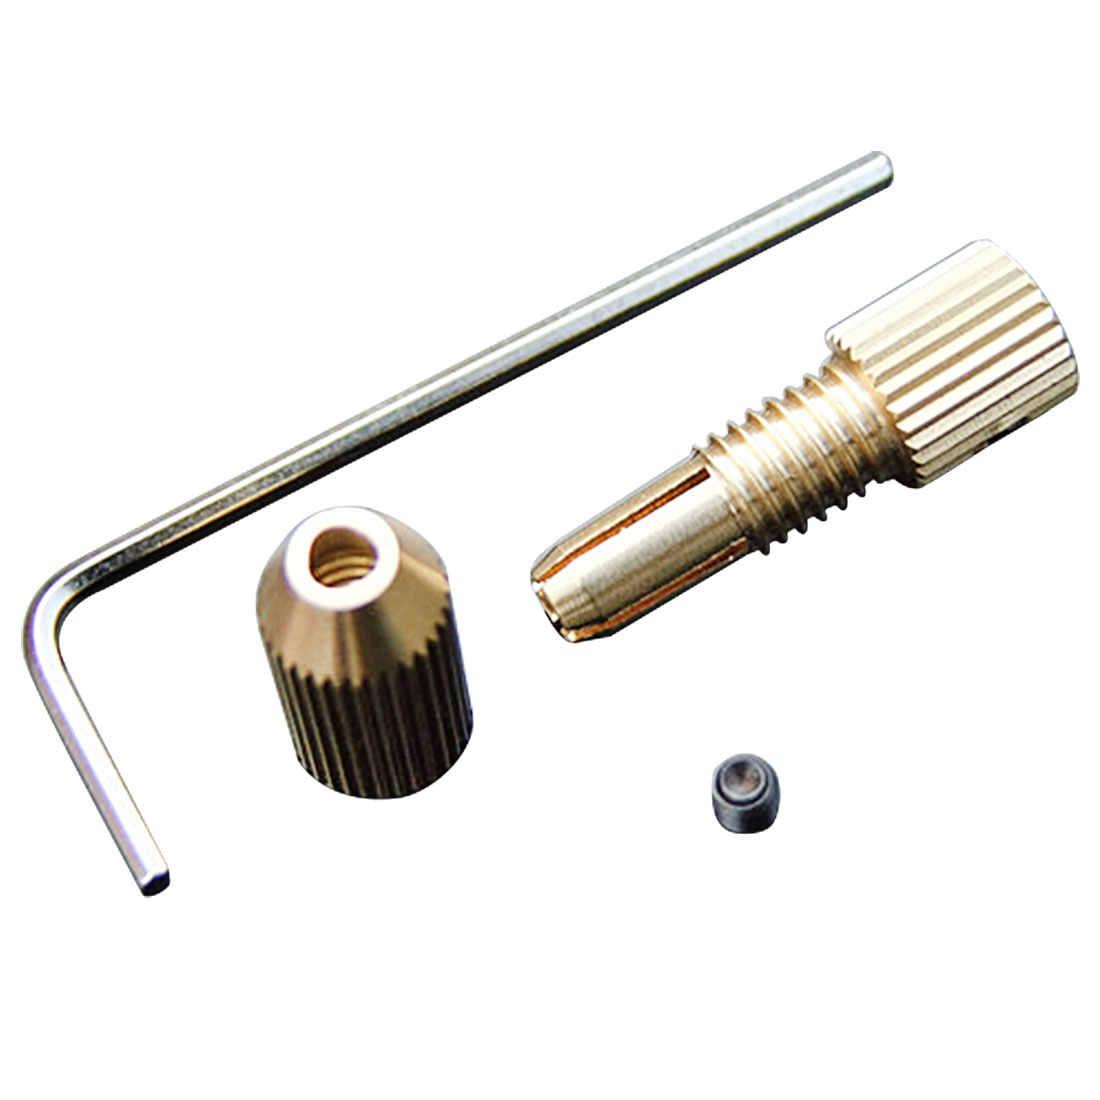 0,8 мм-1,5 мм сверлильный микроразборка Зажимной патрон 2,0 мм латунный вал электродвигателя Зажимной патрон мини маленький